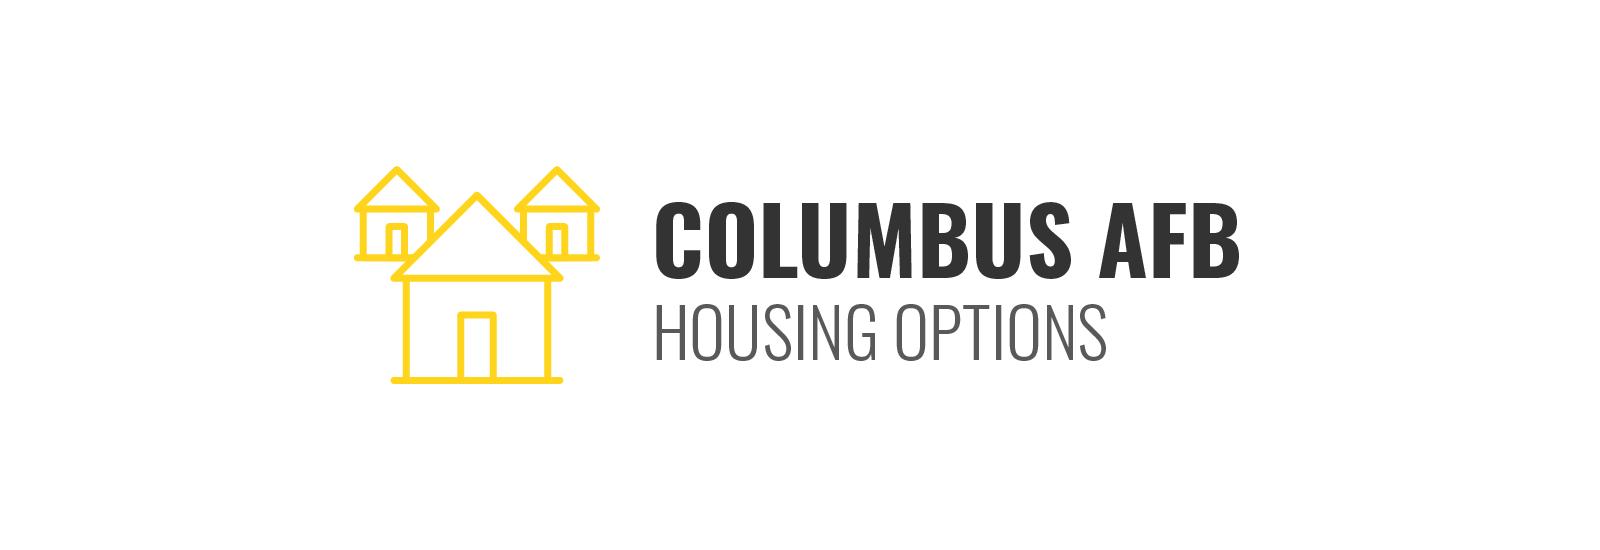 Columbus AFB Housing Options